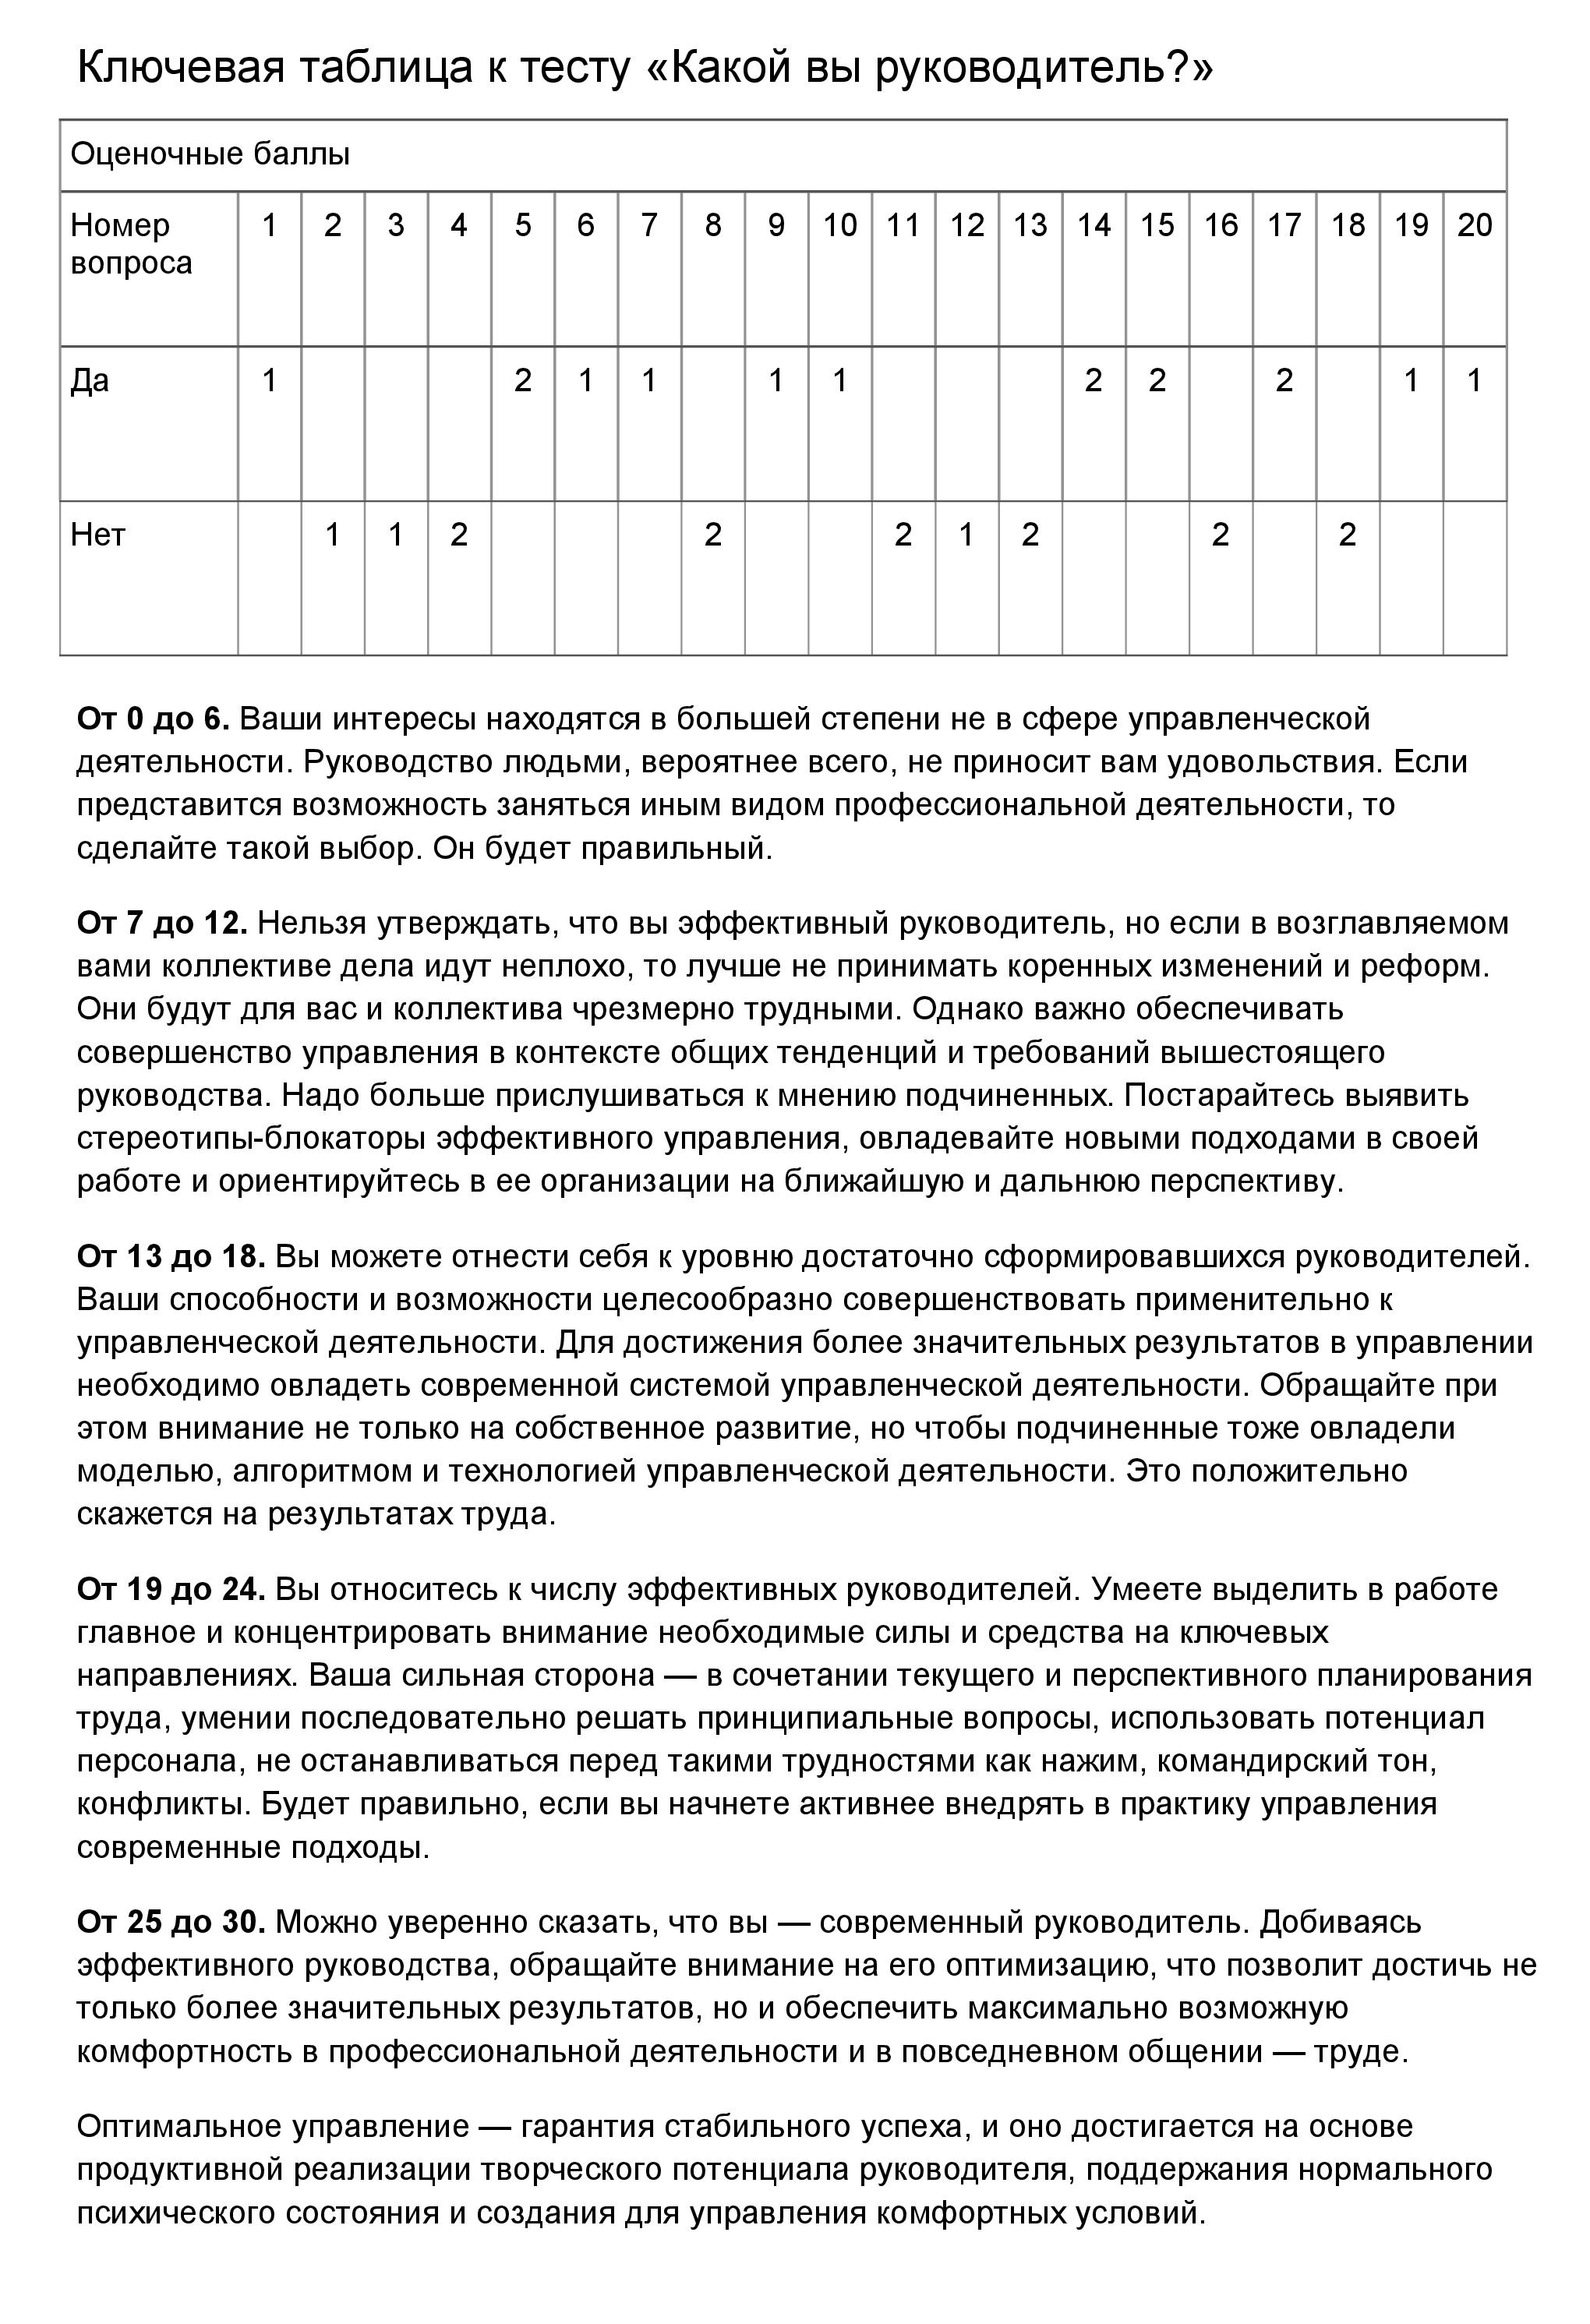 Вот тест под названием «Какой вы руководитель». Нужно ответить на вопросы и подсчитать количество набранных баллов. Источник: «HR-портал»